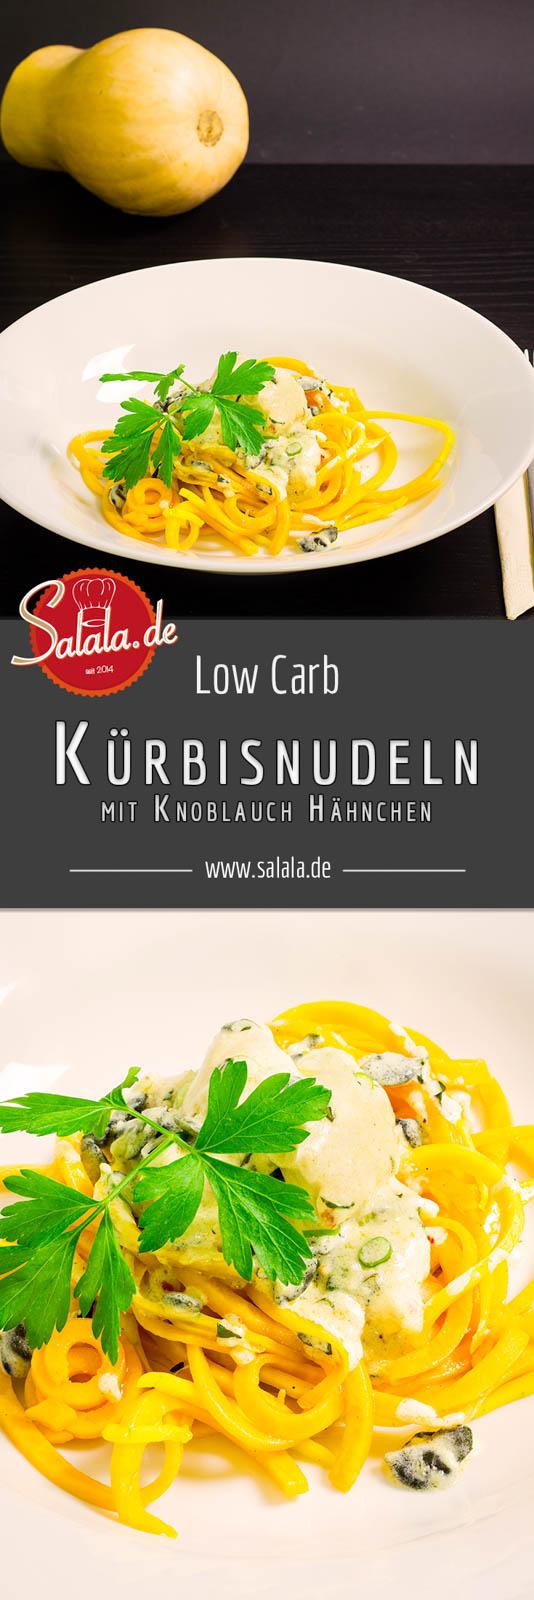 Kürbisnudeln mit Knoblauch Hähnchen Low Carb Pasta Rezept - by salala.de - Butternuss Kürbis low carb cremig Sahnesoße Knoblauch lecker und aromatisch